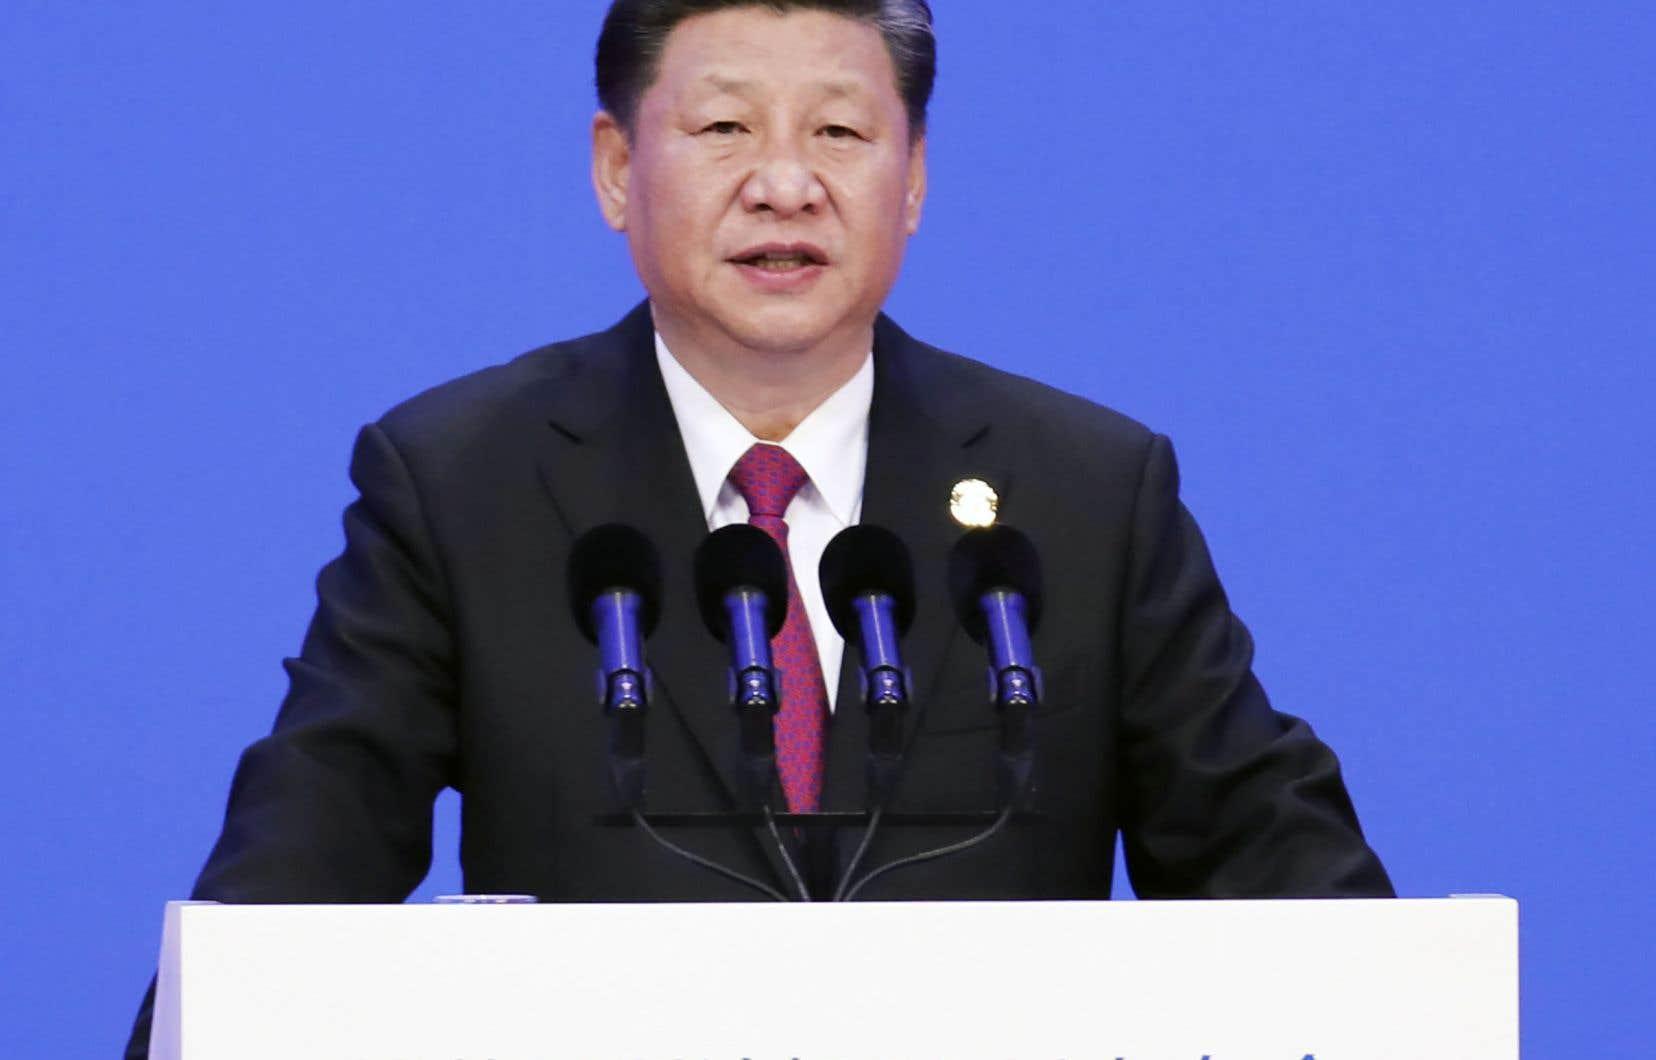 «La Chine va entrer dans une nouvelle phase d'ouverture», a affirmé le président Xi Jinping devant de hauts responsables internationaux réunis au Forum de Boao pour l'Asie.